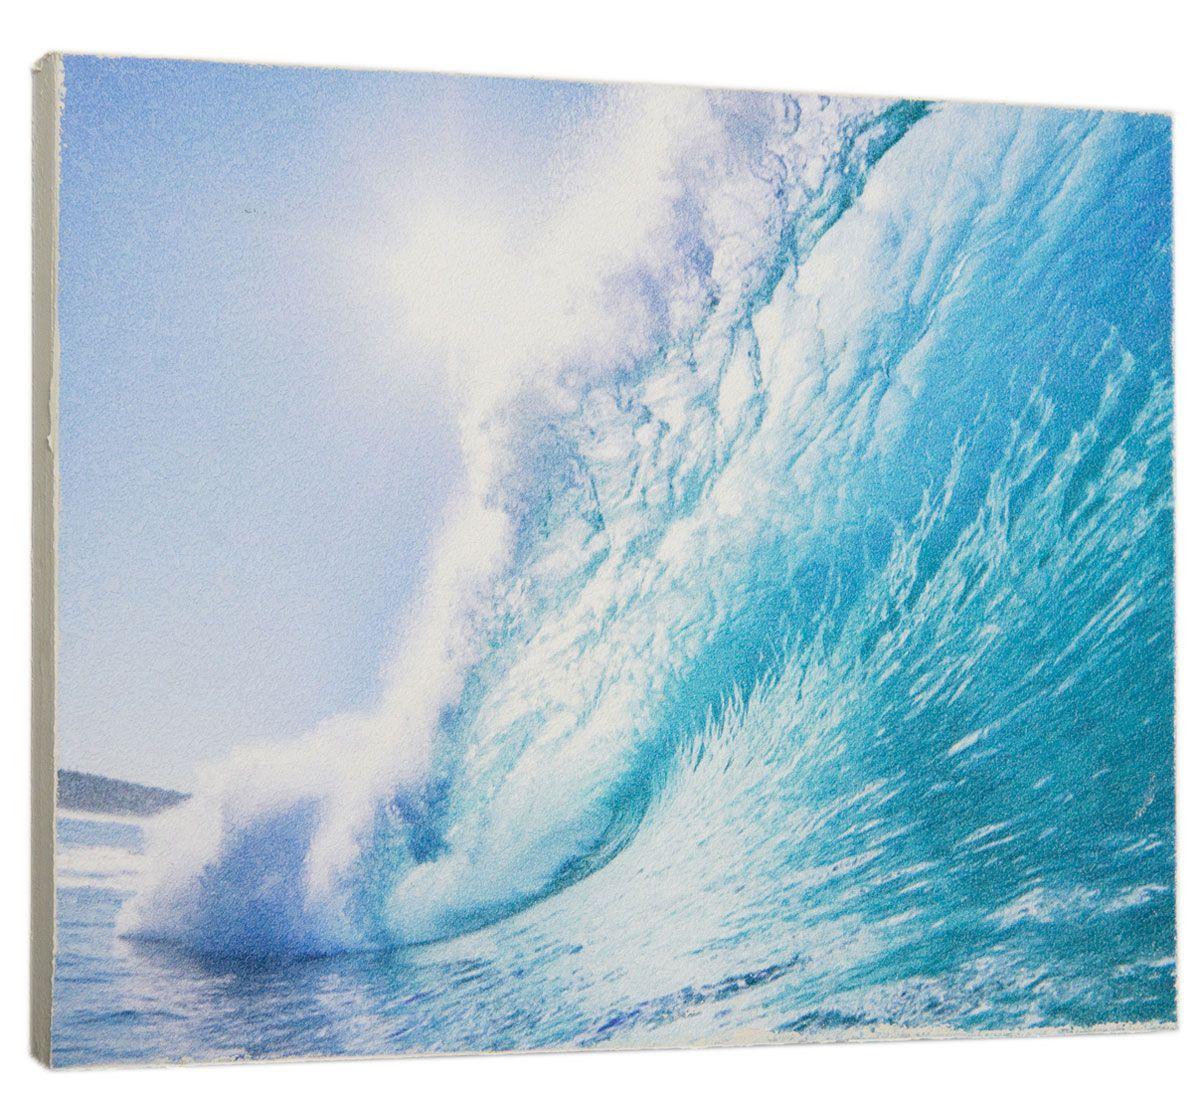 Картина Mister Poster Лазурная волна, 32 х 24 см0308-24-32Картина Mister Poster - это высококачественная репродукция на деревянной раме. Лицевая поверхность имитирует штукатурку или натуральный холст, края окрашены вручную специальным декоративным составом. Современные технологии, уникальное оборудование и оригинальные чернила, используемые при изготовлении, делают постер устойчивым к выцветанию, а также гарантируют стойкость к воздействию негативных внешних факторов. Интерьер дома и офиса, в котором находится человек, в значительной степени влияет на его настроение и работоспособность. Правильное оформление интерьера создает благоприятный психологический климат, улучшает настроение и мотивирует. Добавьте «красок» в ваш интерьер и, возможно, в вашу жизнь.